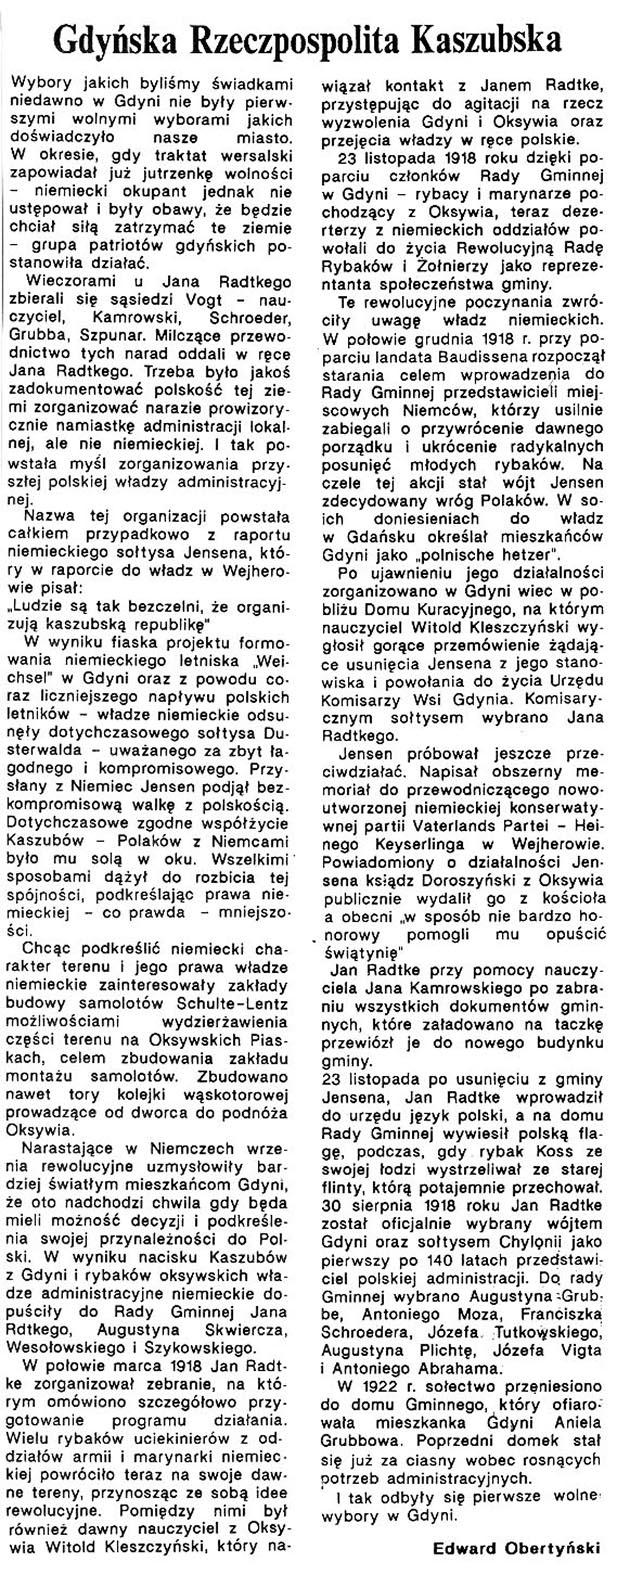 Gdyńska Rzeczpospolita Kaszubska / Edward Obertyński // Gazeta Gdyńska. - 1990, nr 1, s. 3